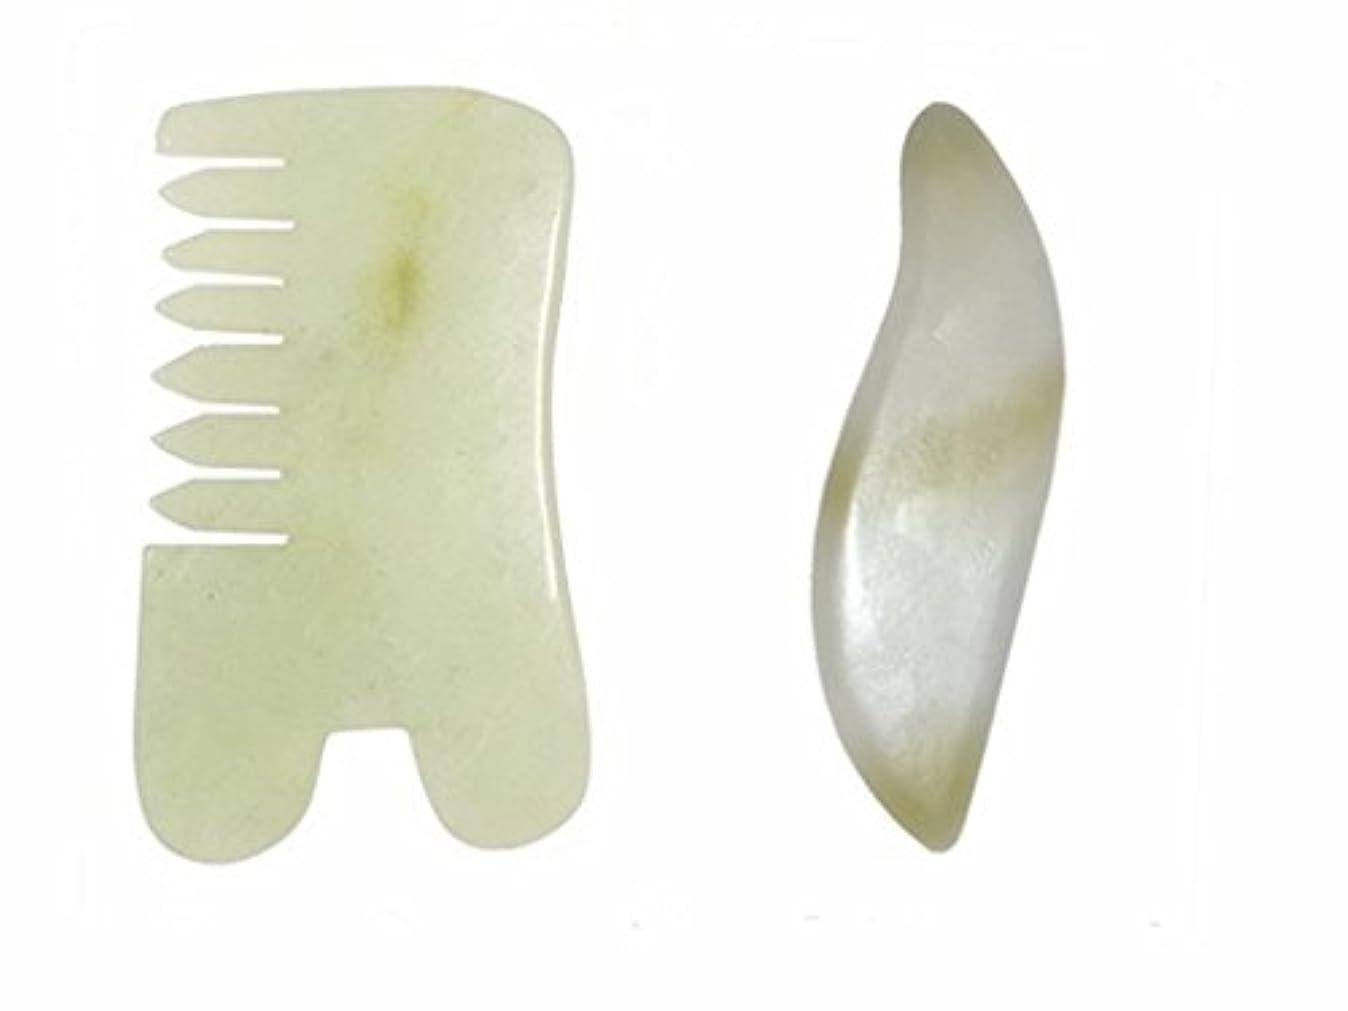 にもかかわらずタイプ脇にEcho & Kern 二点セットかっさ板、翡翠(ジェイド)美顔 天然石かっさプレート、 櫛、マッサージプレート(2PCS) Natural Jade Gemstone Healing Stone Scraper Board...